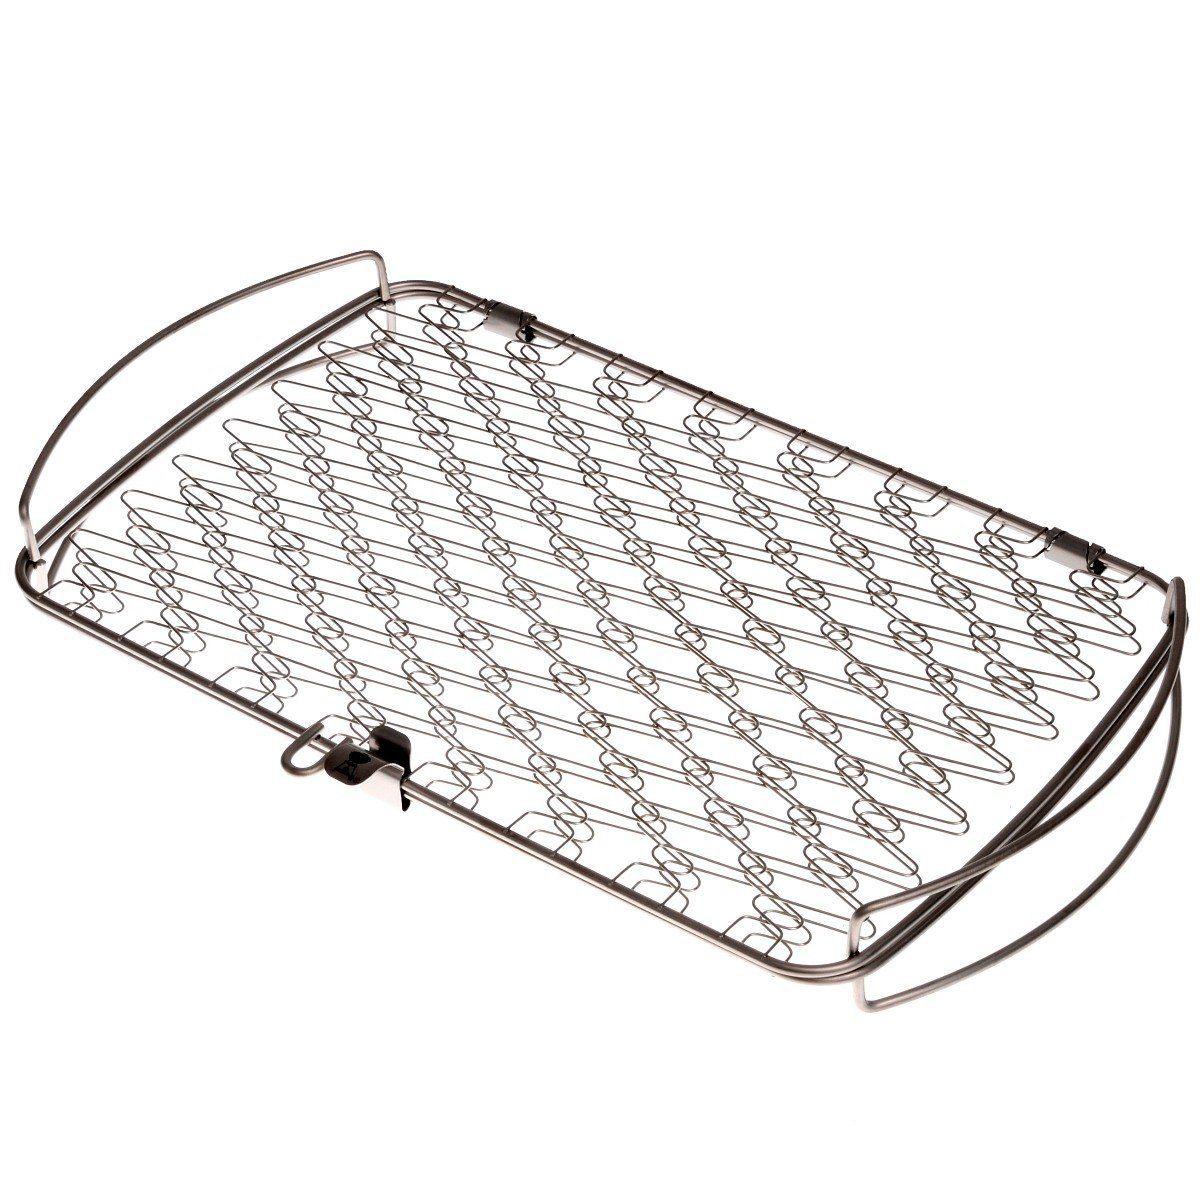 Weber Stainless Steel Fishbasket - 6471